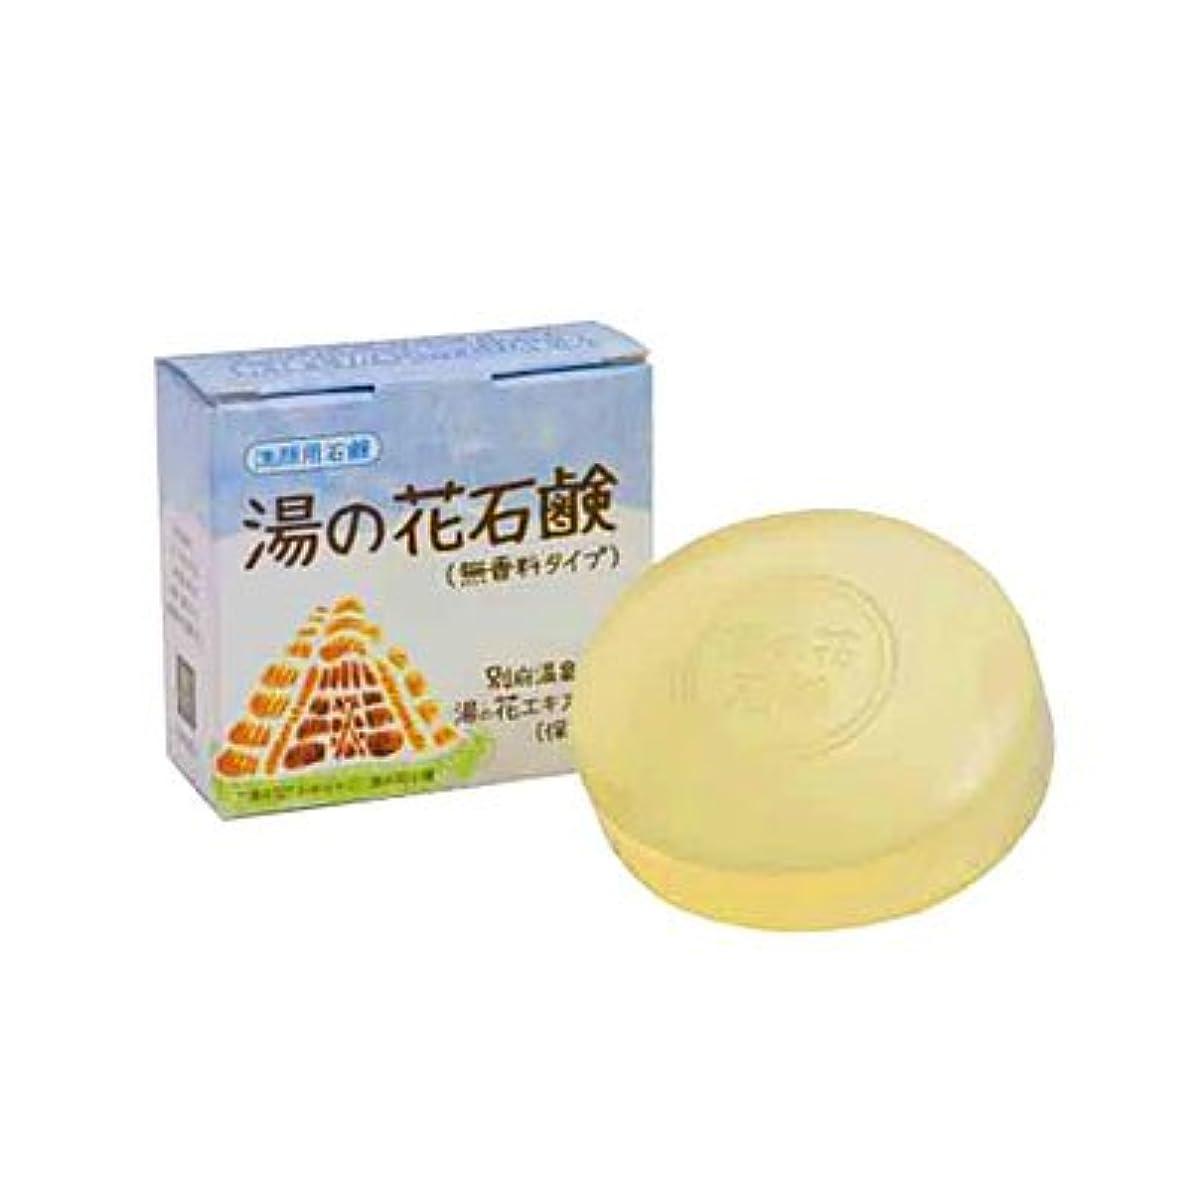 傾向があるシャンプーガソリン薬用 湯の花石鹸 ビーナス1 80g